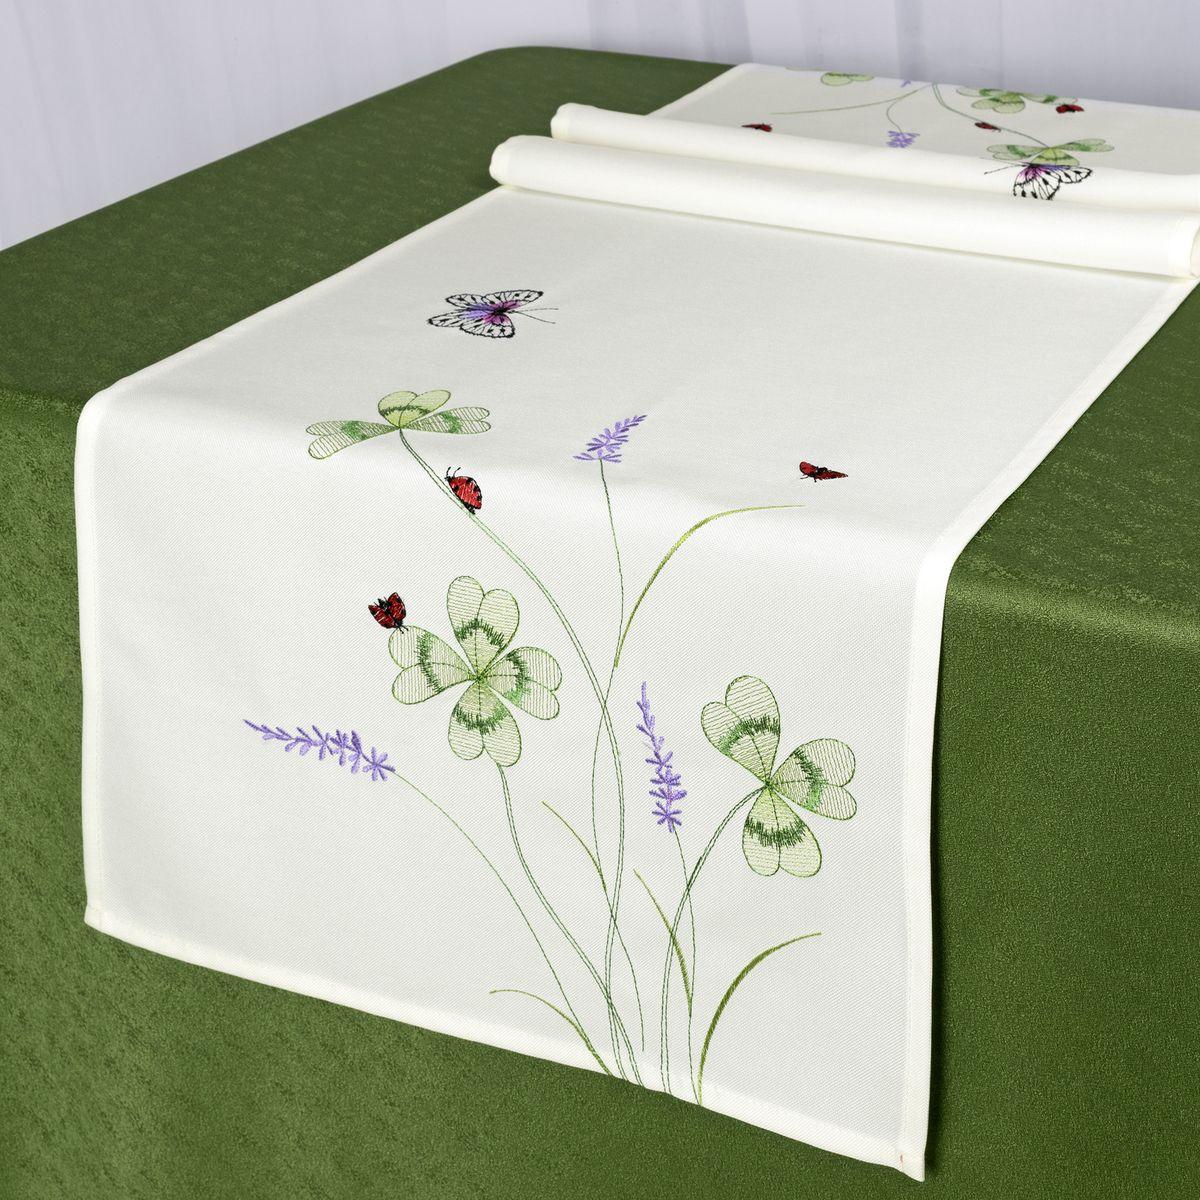 Дорожка для декорирования стола Schaefer, 40 x 140 см, цвет: белый. 07725-21107725-211Дорожка для декорирования стола Schaefer может быть использована, как основной элемент, так и дополнение для создания уюта и романтического настроения.Дорожка выполнена из полиэстера. Изделие легко стирать: оно не мнется, не садится и быстро сохнет, более долговечно, чем изделие из натуральных волокон.Материал: 100% полиэстер.Размер: 40 x 140 см.